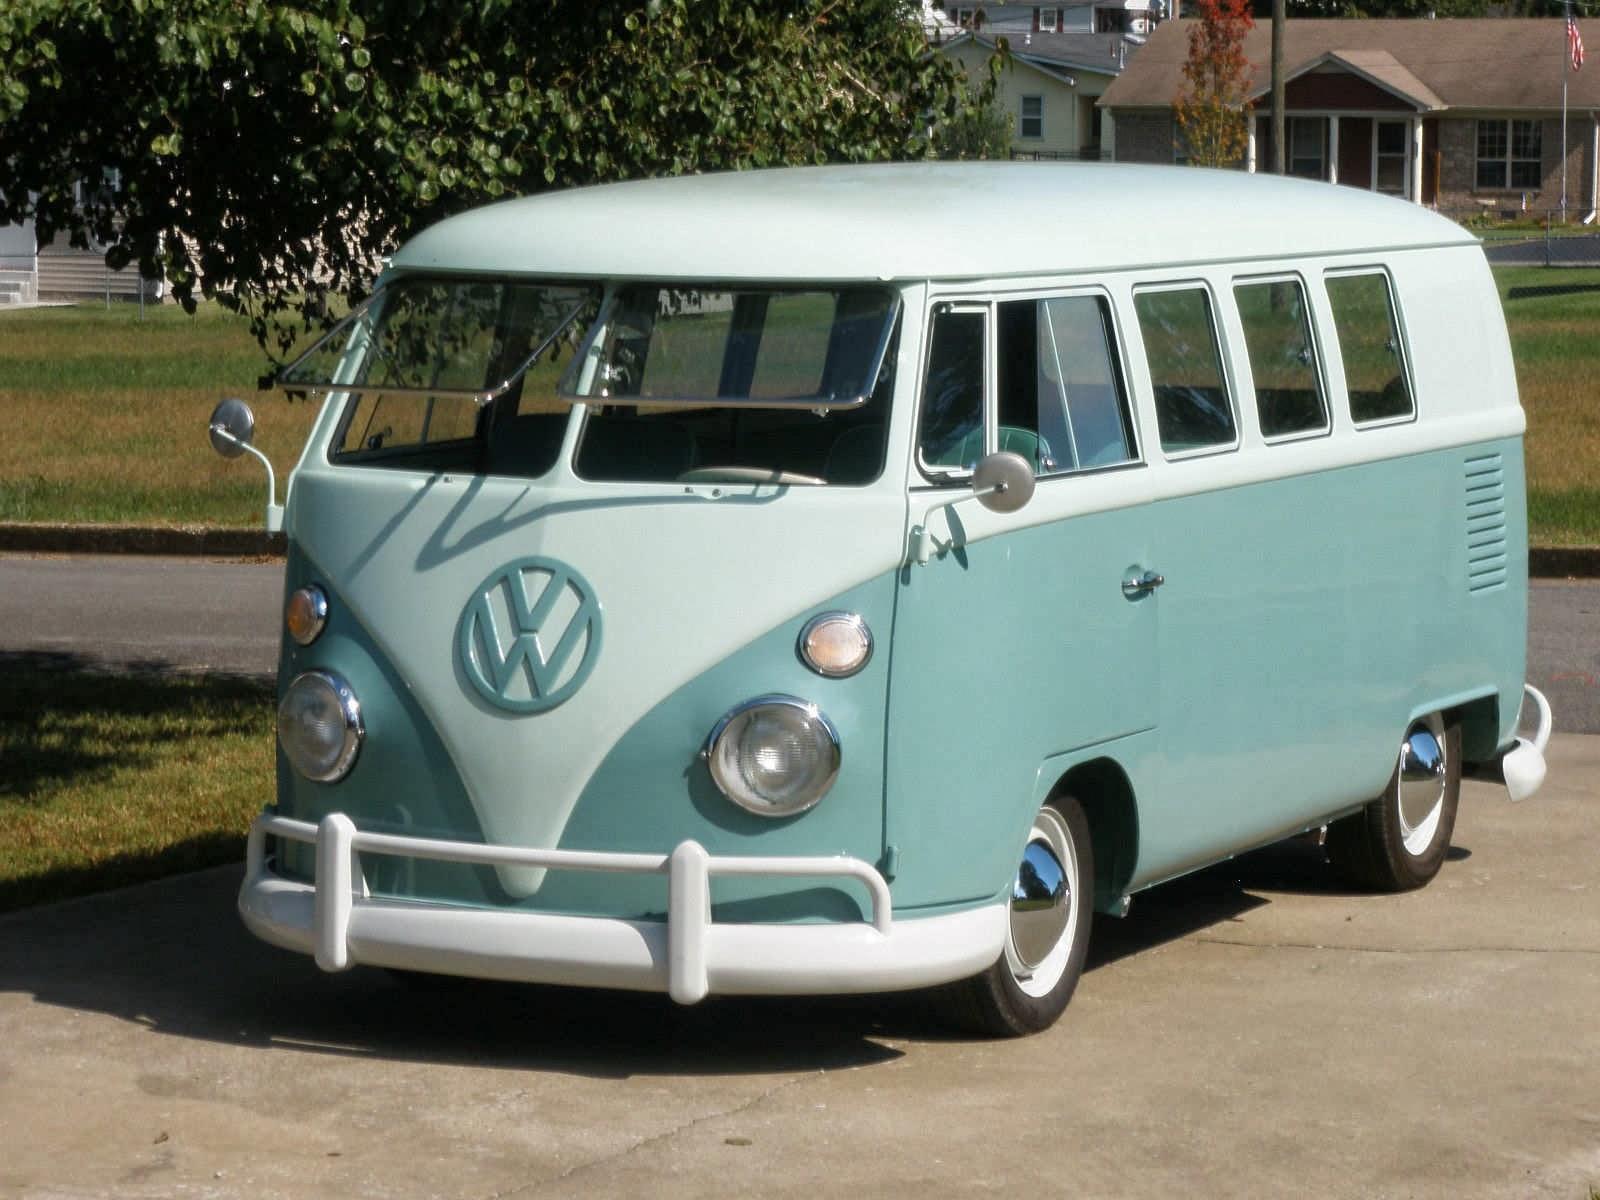 100 1970 volkswagen vanagon vw vanagon syncro westfalia 4x4 full camper t3 campervan. Black Bedroom Furniture Sets. Home Design Ideas